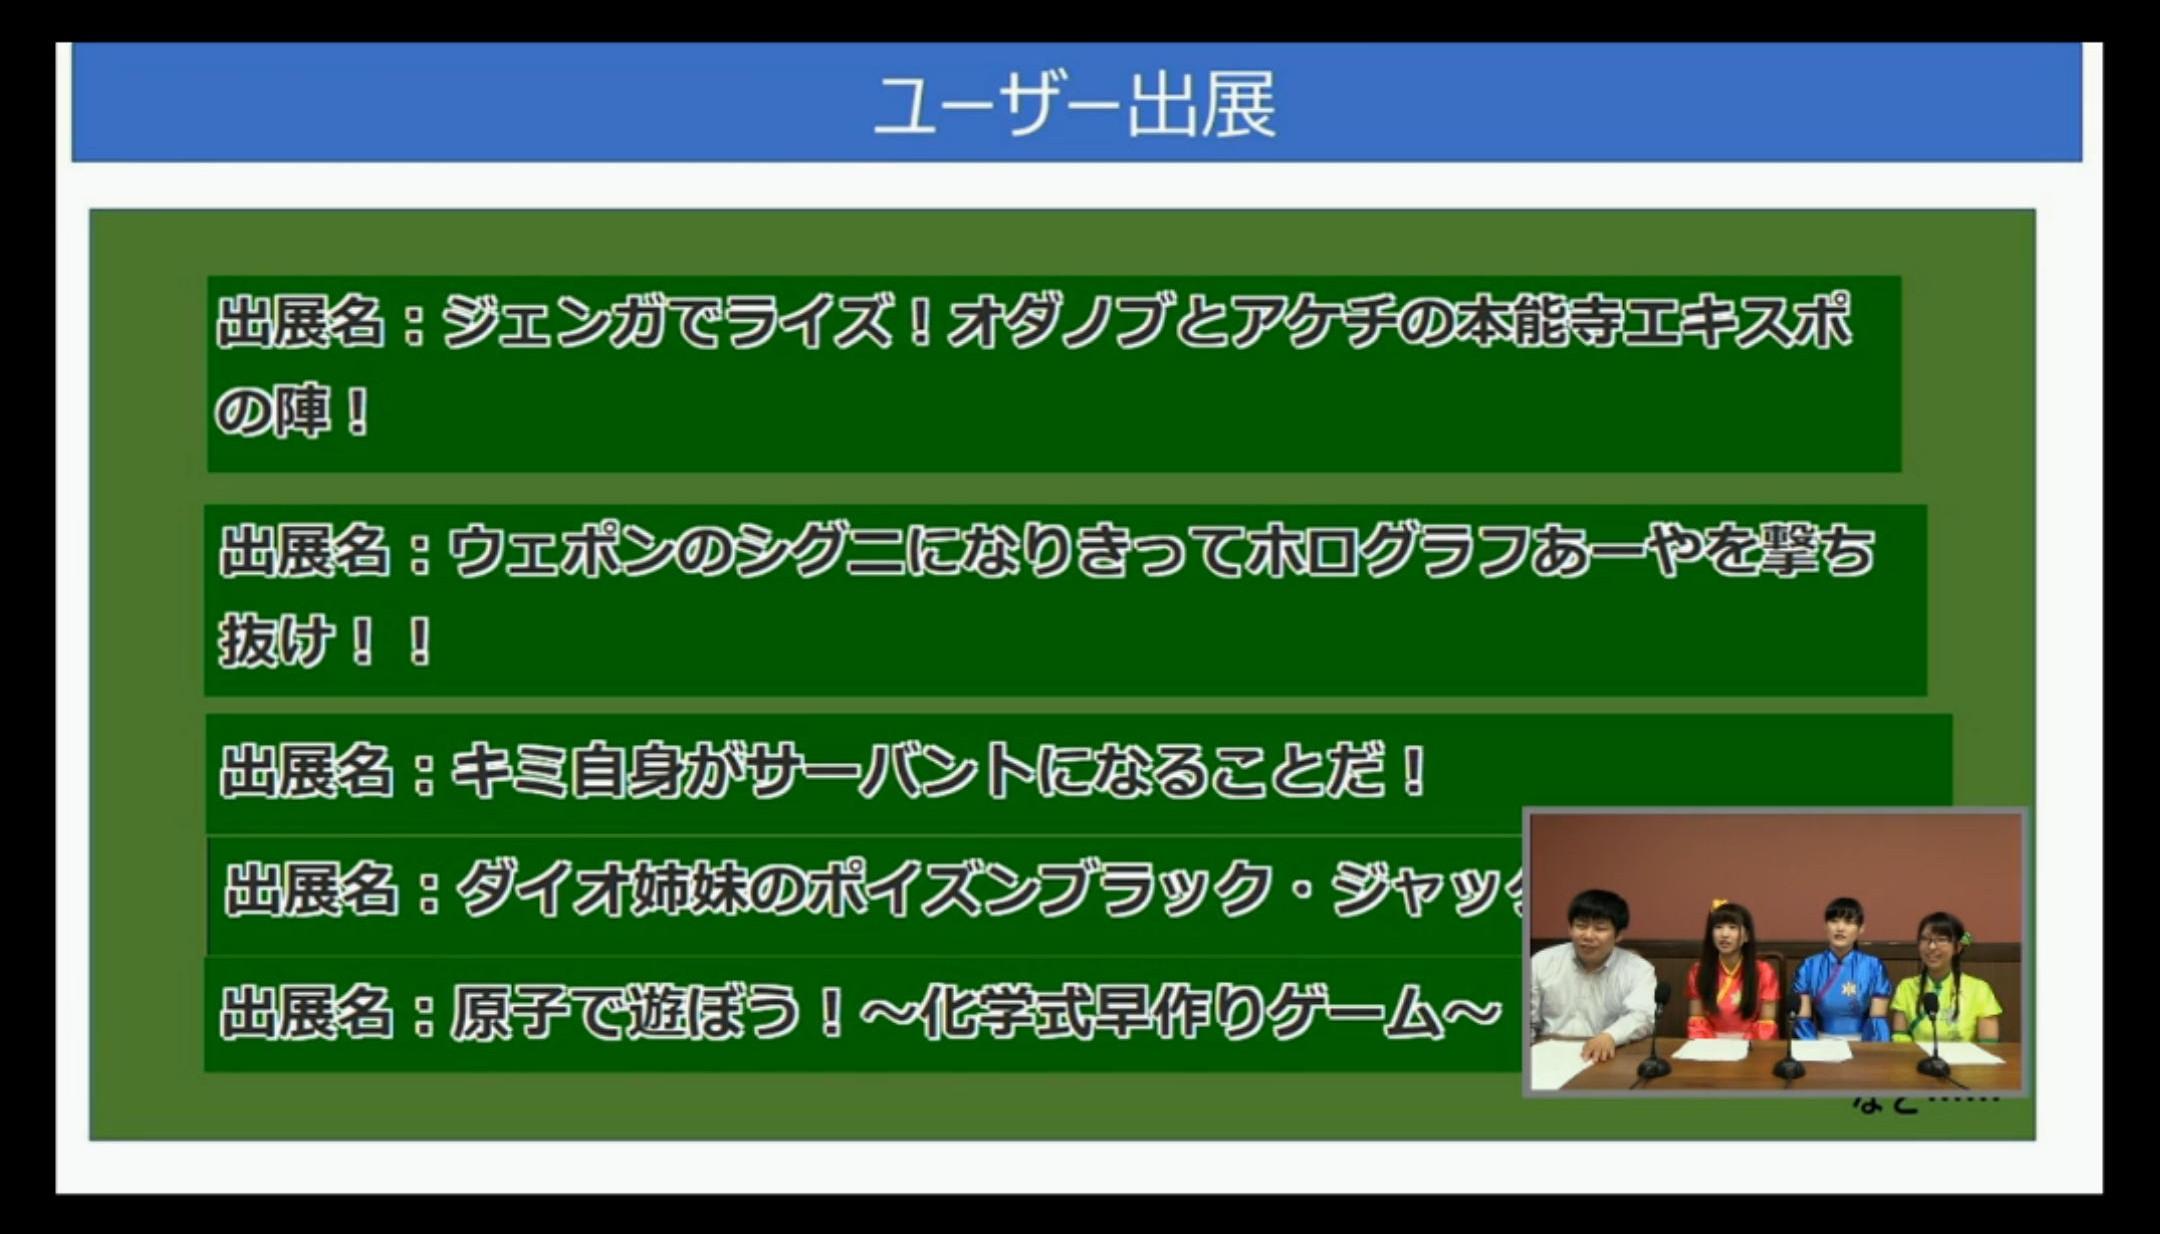 wx-live-170724-005.jpg